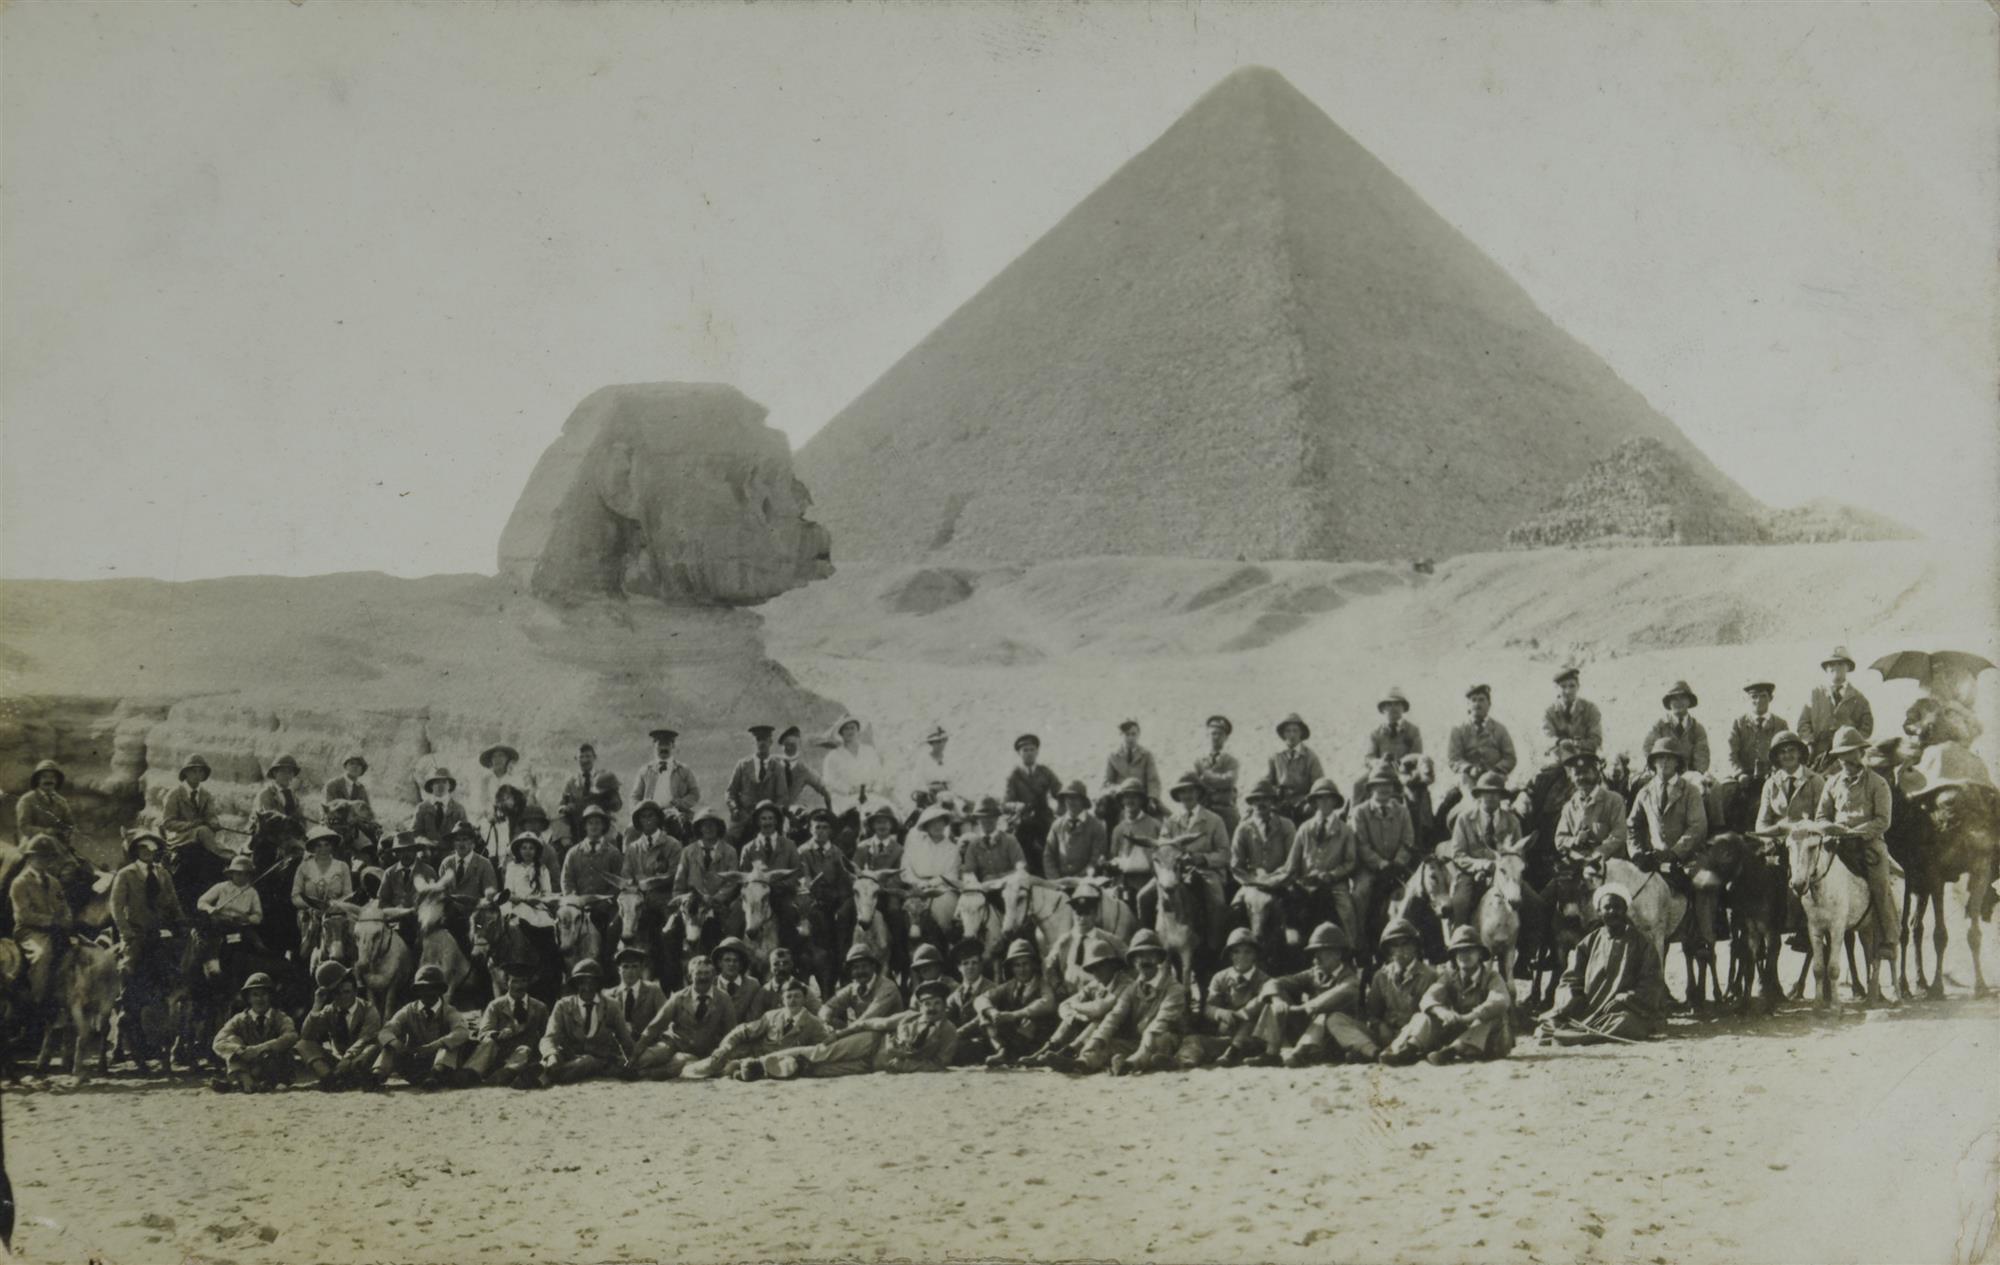 Reúnen más de 2.000 fotos inéditas de Egipto y Palestina durante la Primera Guerra Mundial